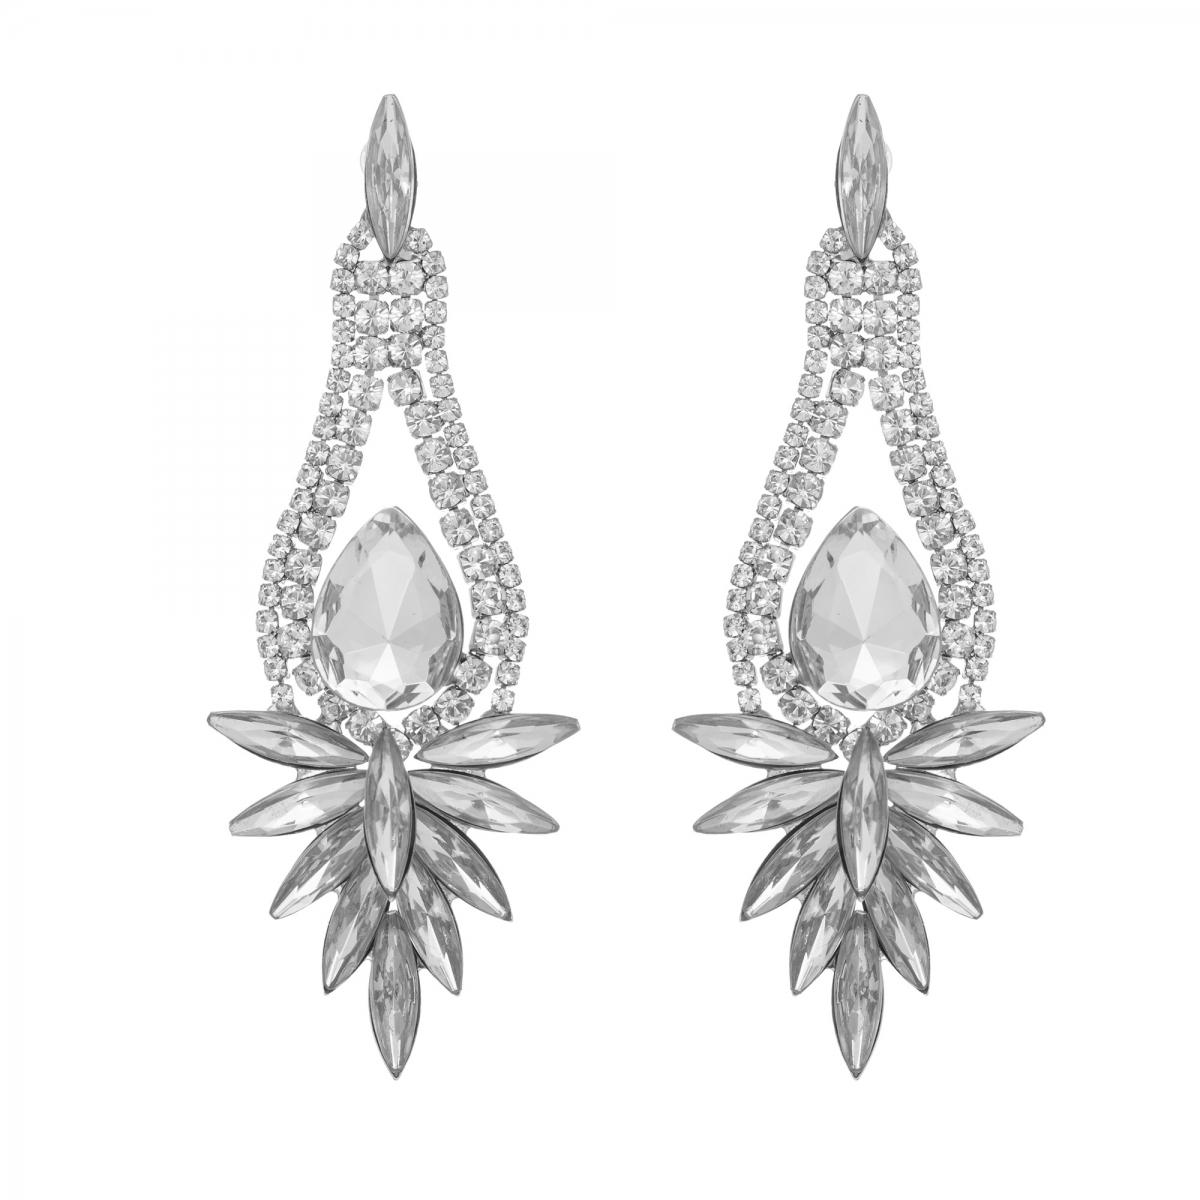 Náušnice Glacial Luxury Vintage Crystal Silver